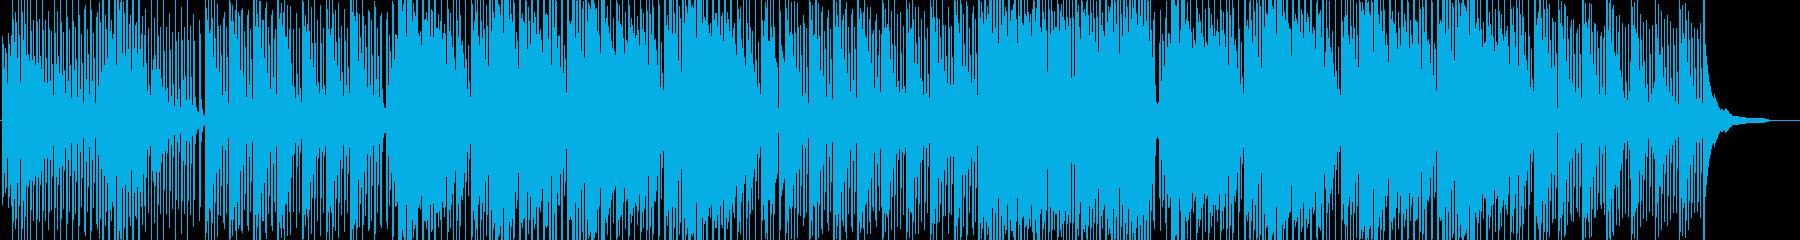 爽やか・切ないピアノが印象的なハウスの再生済みの波形